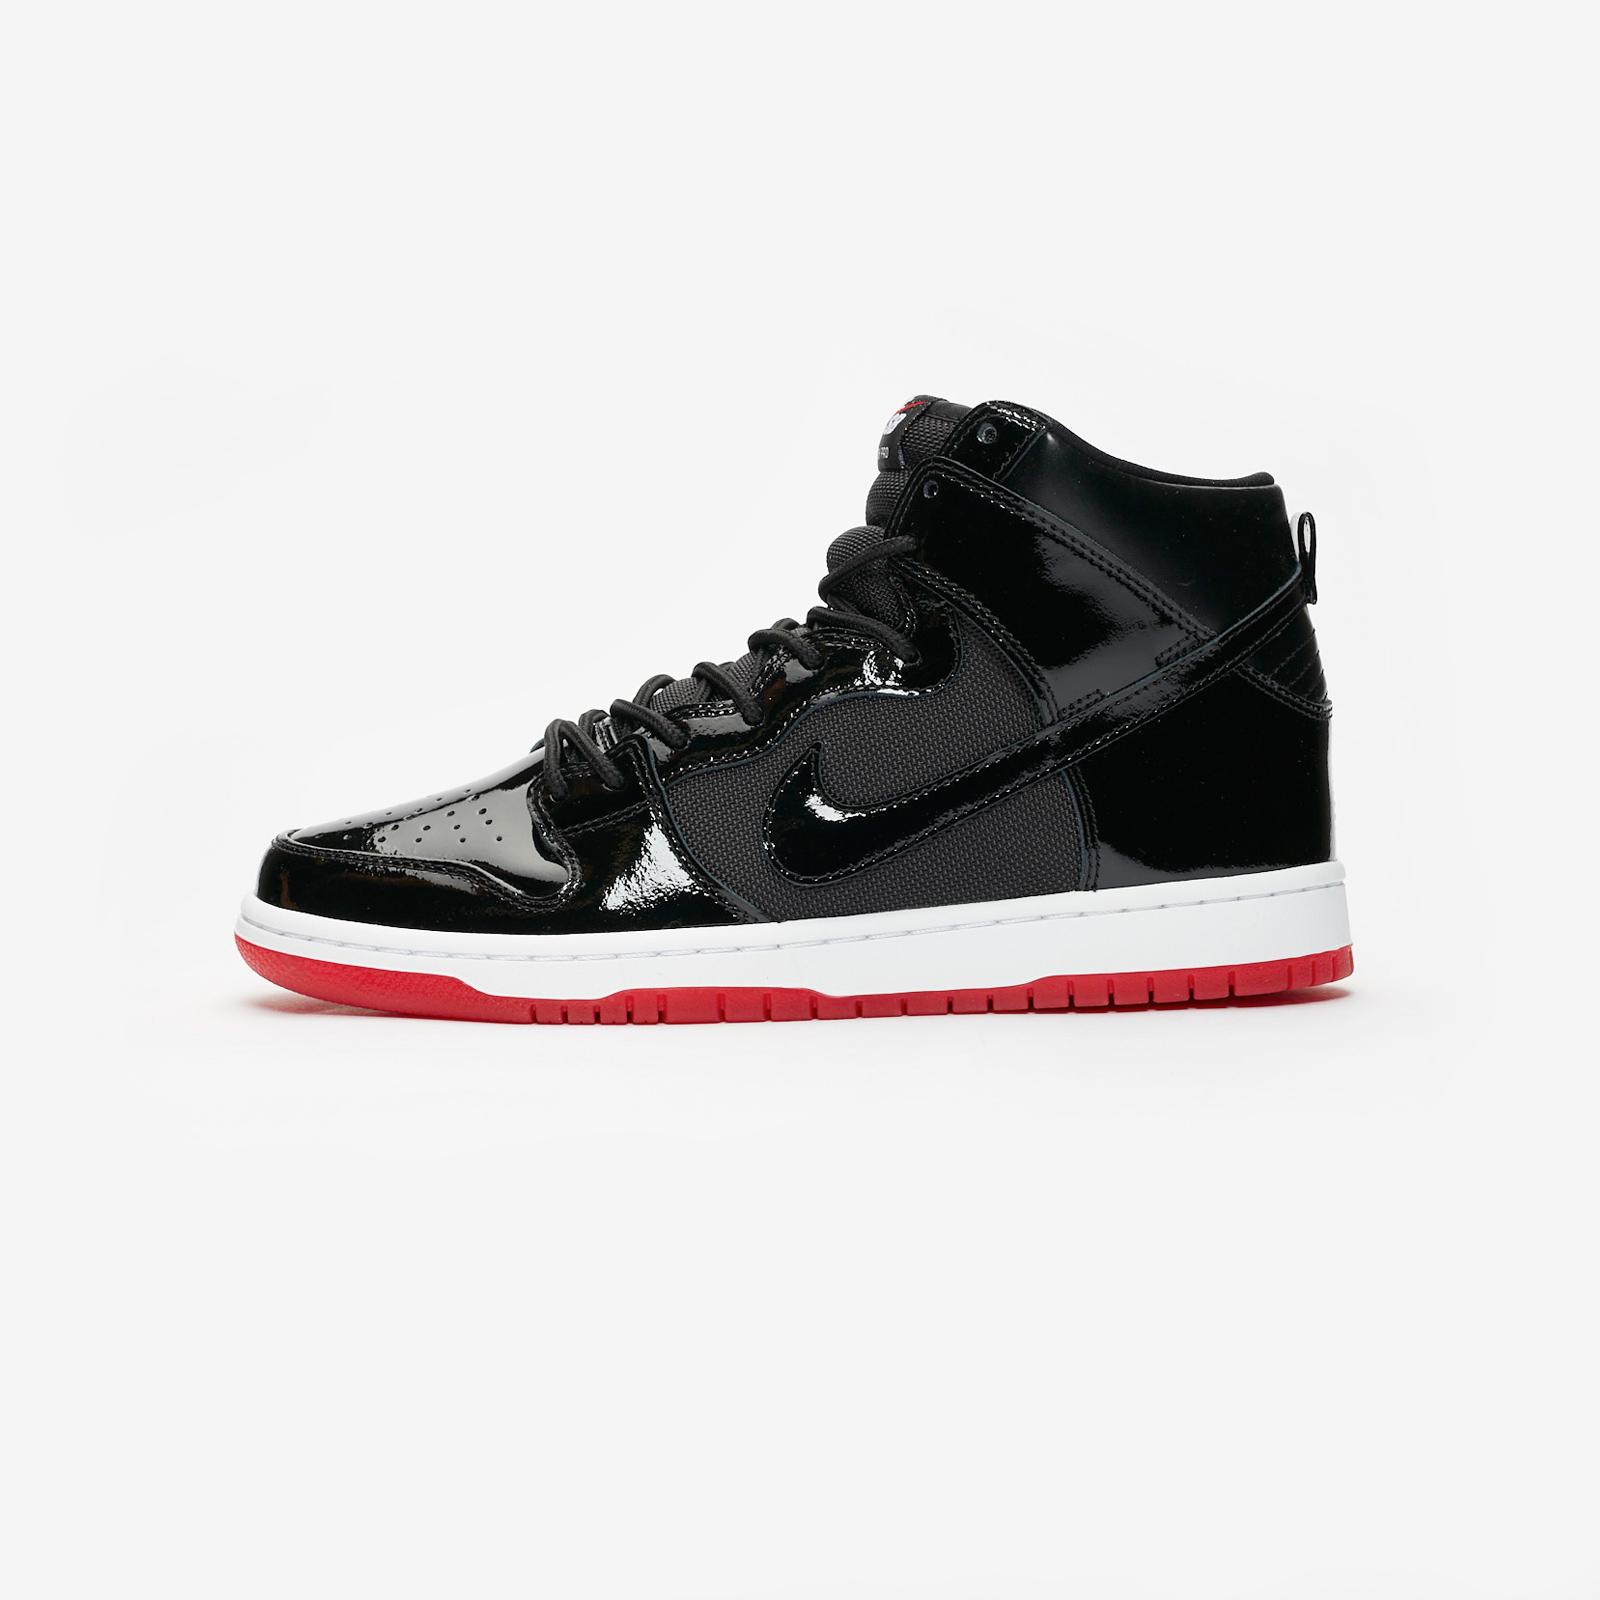 a10caad96f63 Nike Zoom Dunk SB High TR QS - Aj7730-001 - Sneakersnstuff ...